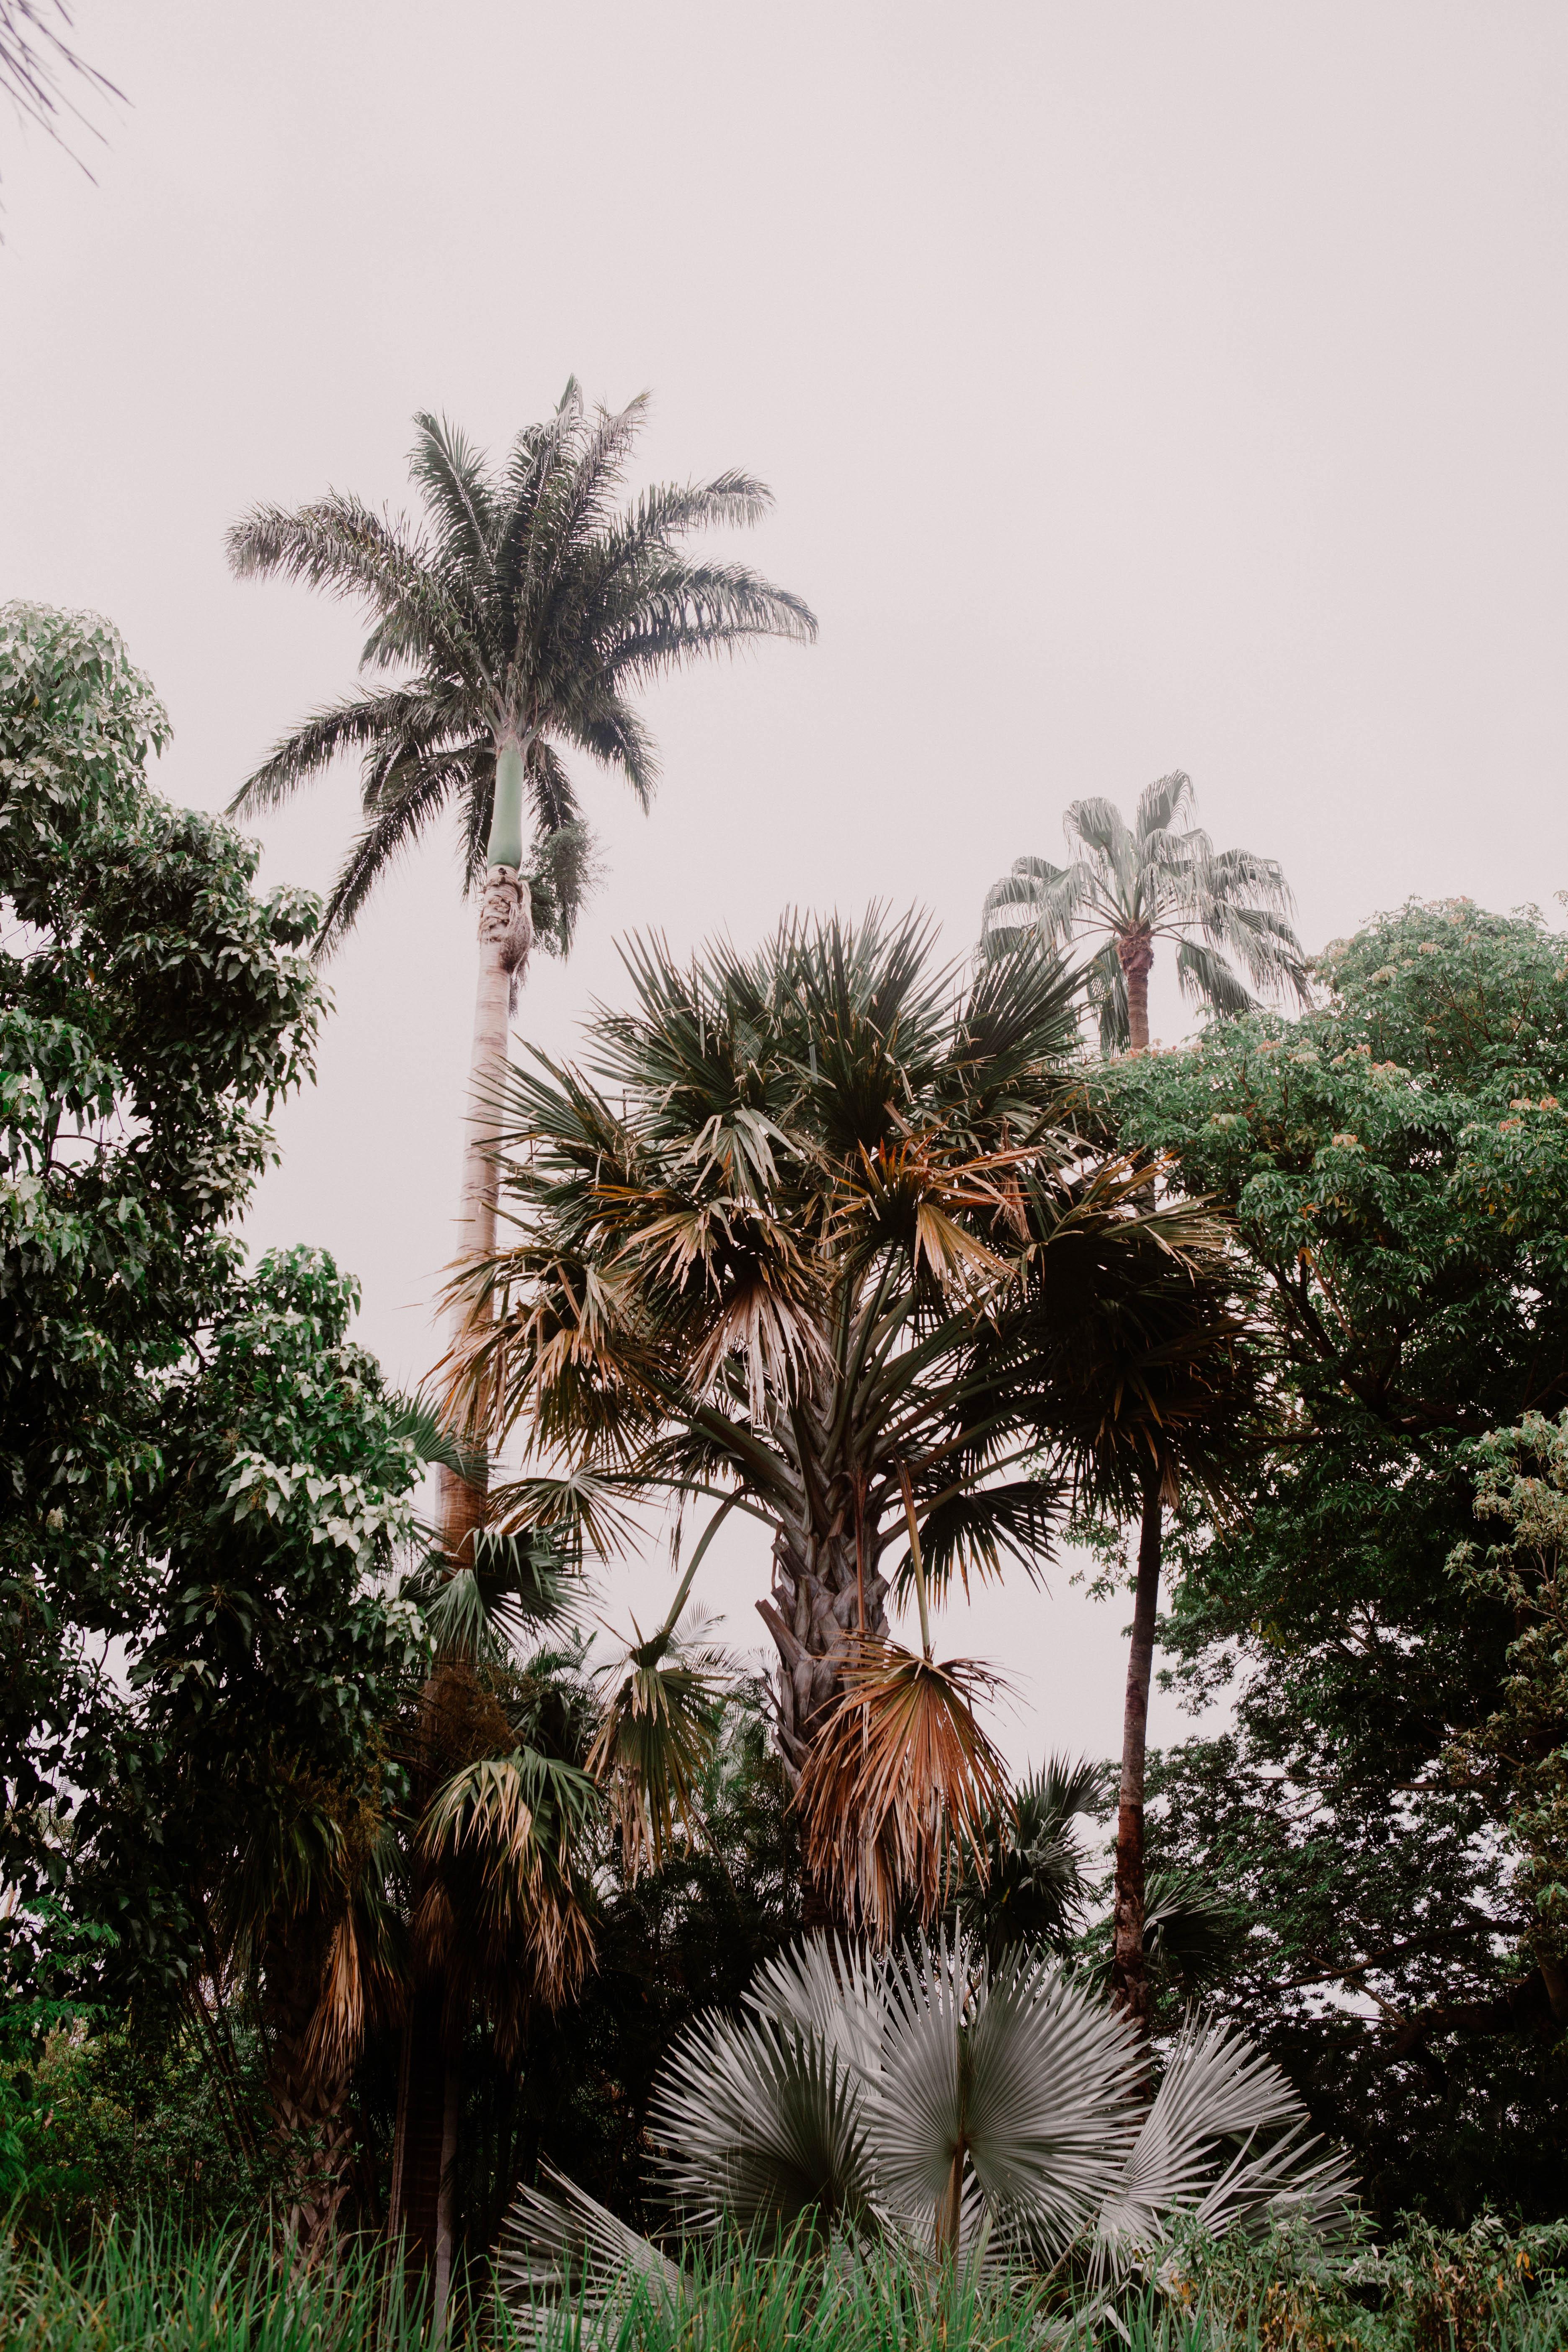 photographe lyon, photographe voyage, photographe Réunion, voyage, paysage, landscape, photo voyage, photo réunion, travel, piton de la fournaise, saint gilles les bains, Cascade de Cormoran, jardin d'éden